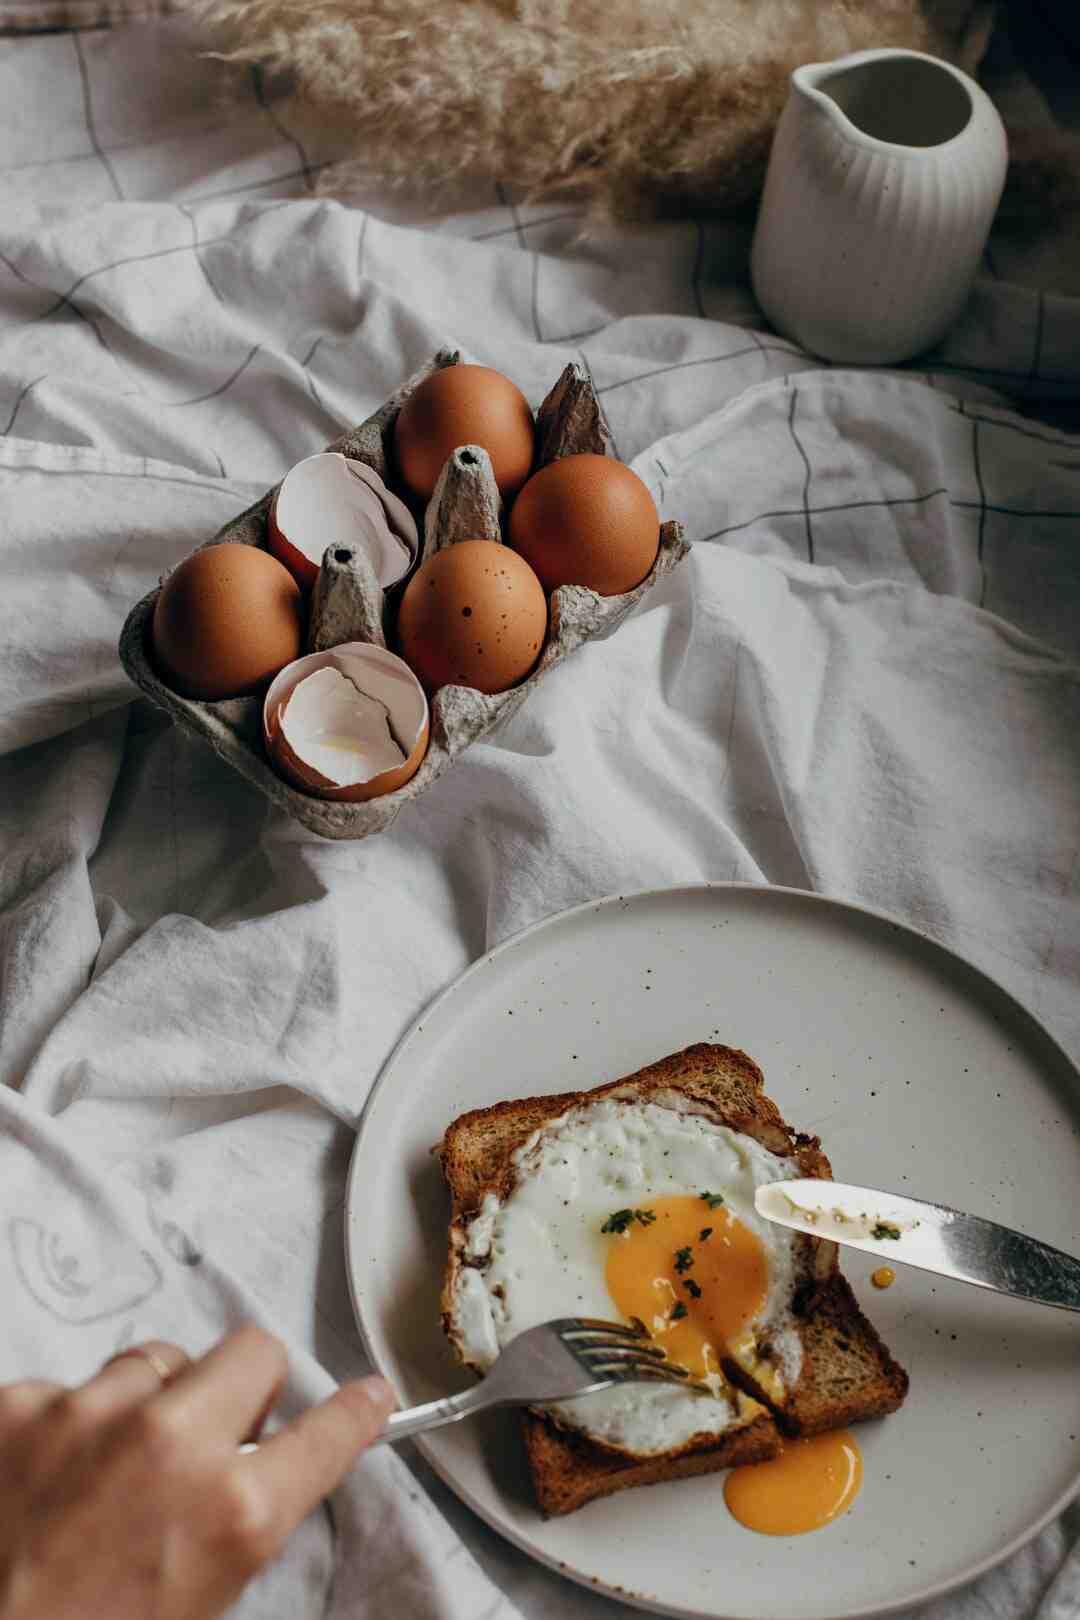 Comment casser la coquille d'un œuf à la coque ?